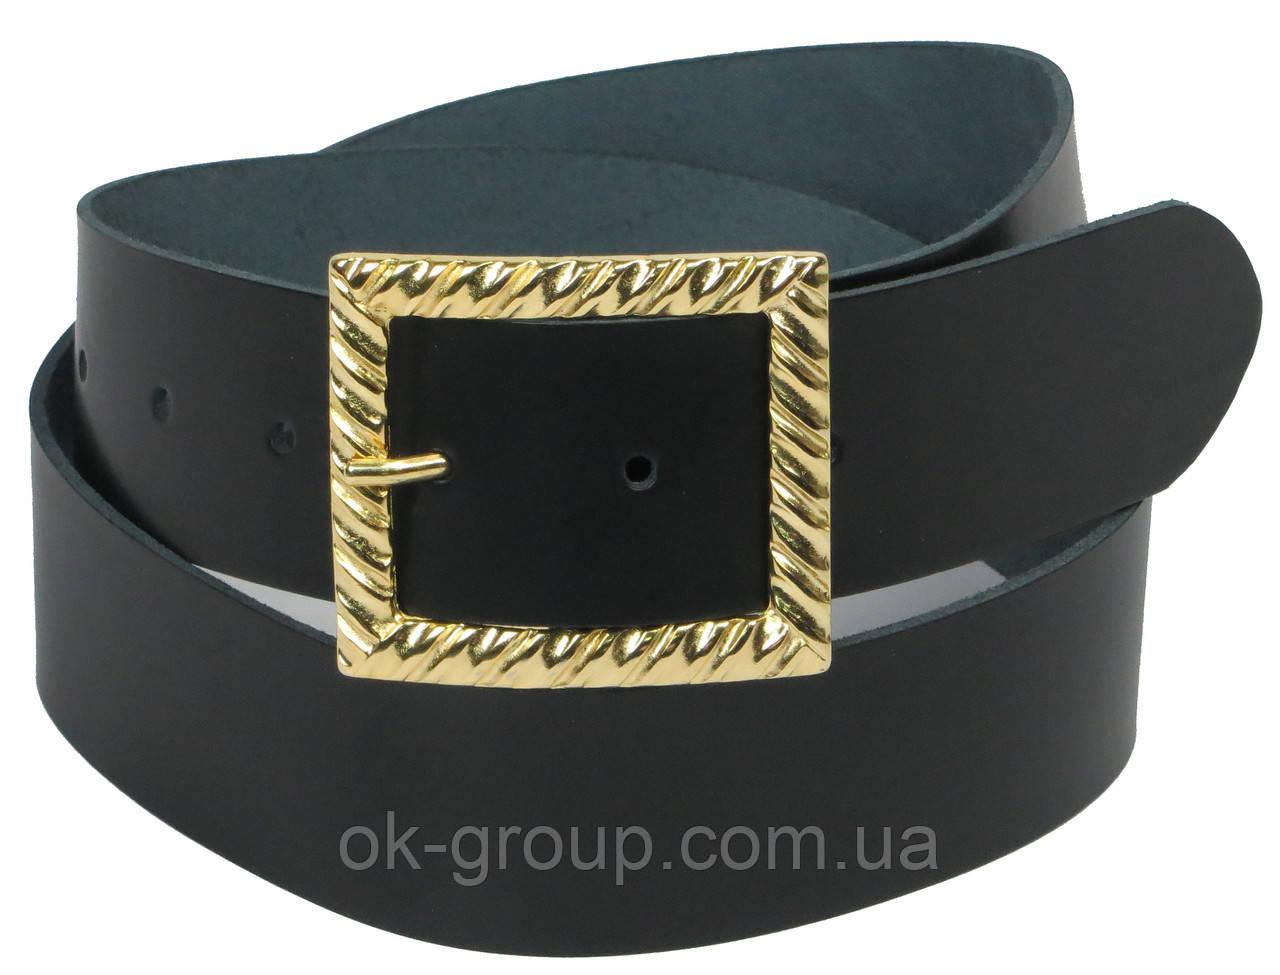 Женский кожаный ремень Vanzetti, Германия 100133 черный, 4х90 см